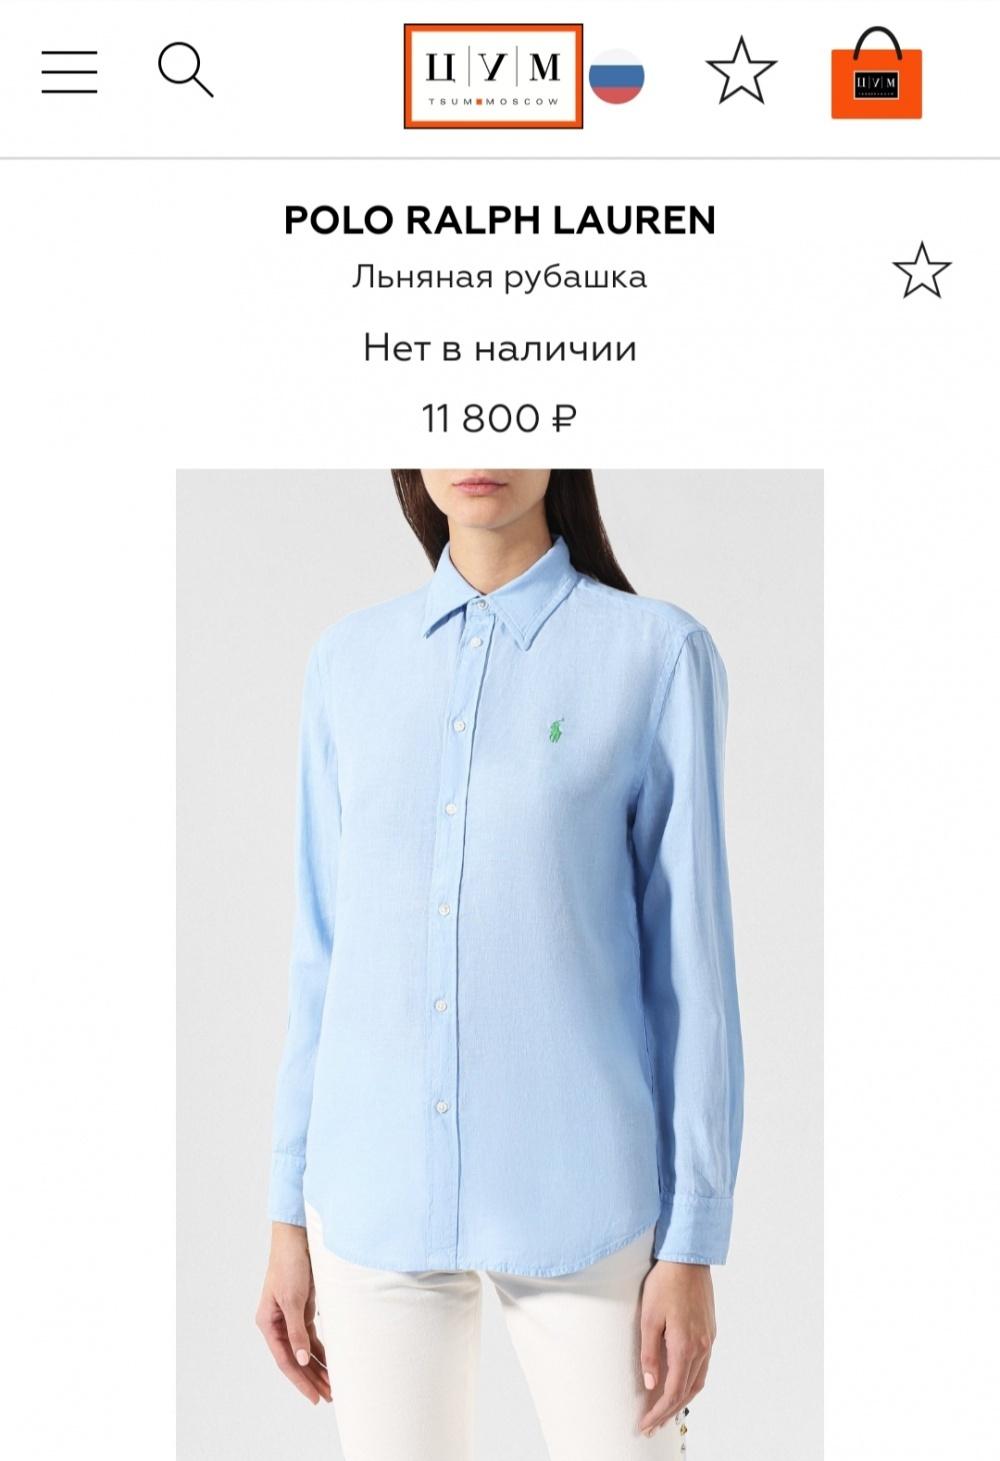 Льняная рубашка ralph lauren, размер m